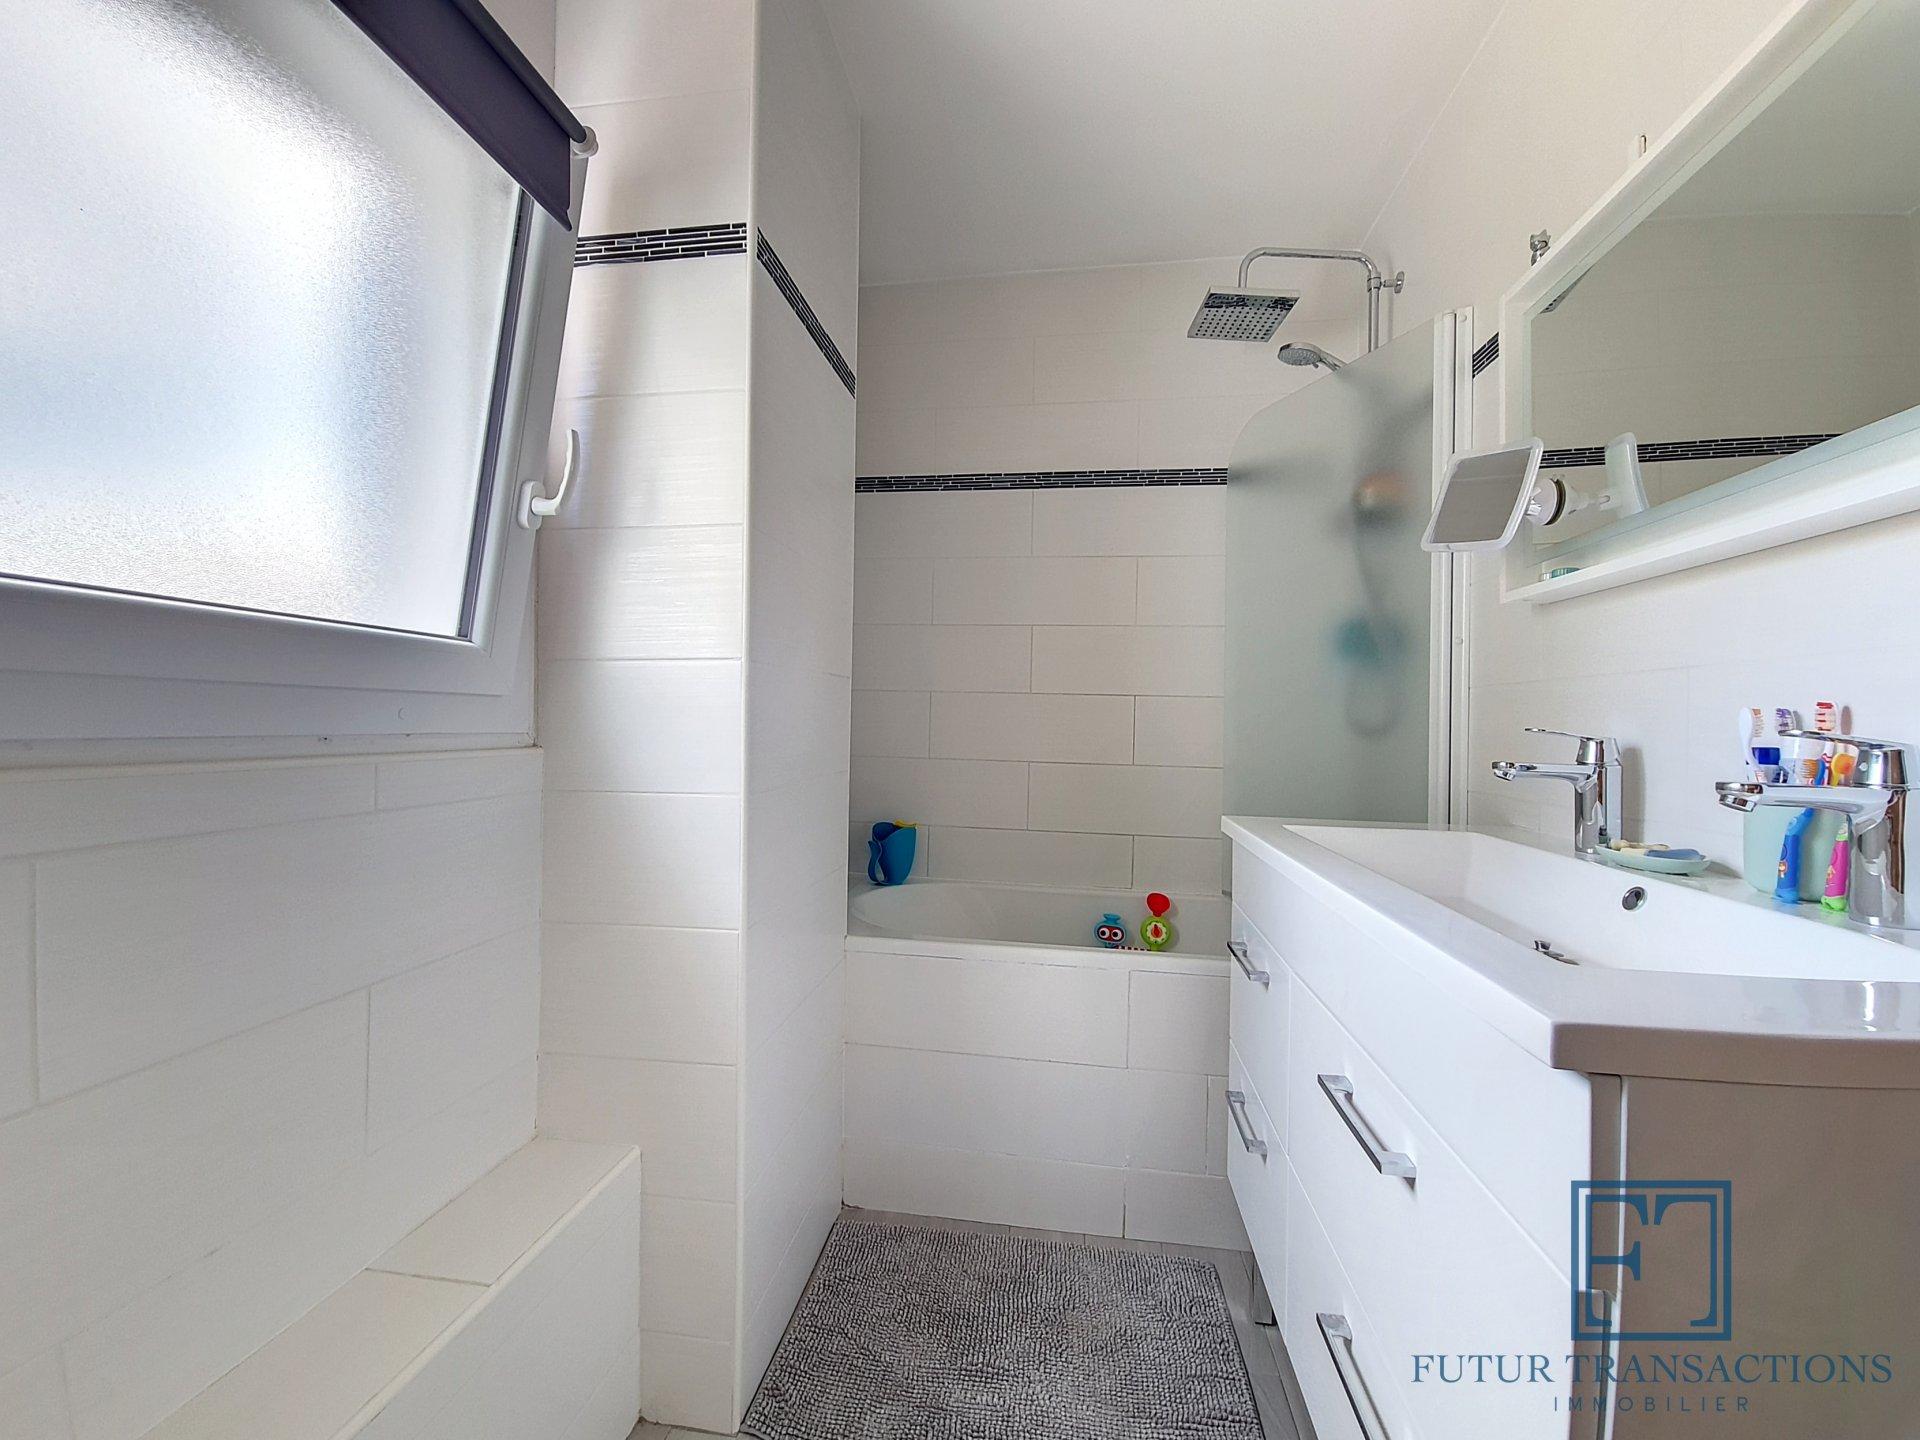 Charmante maison d'environ 90m² 5 pièces/3 chambres